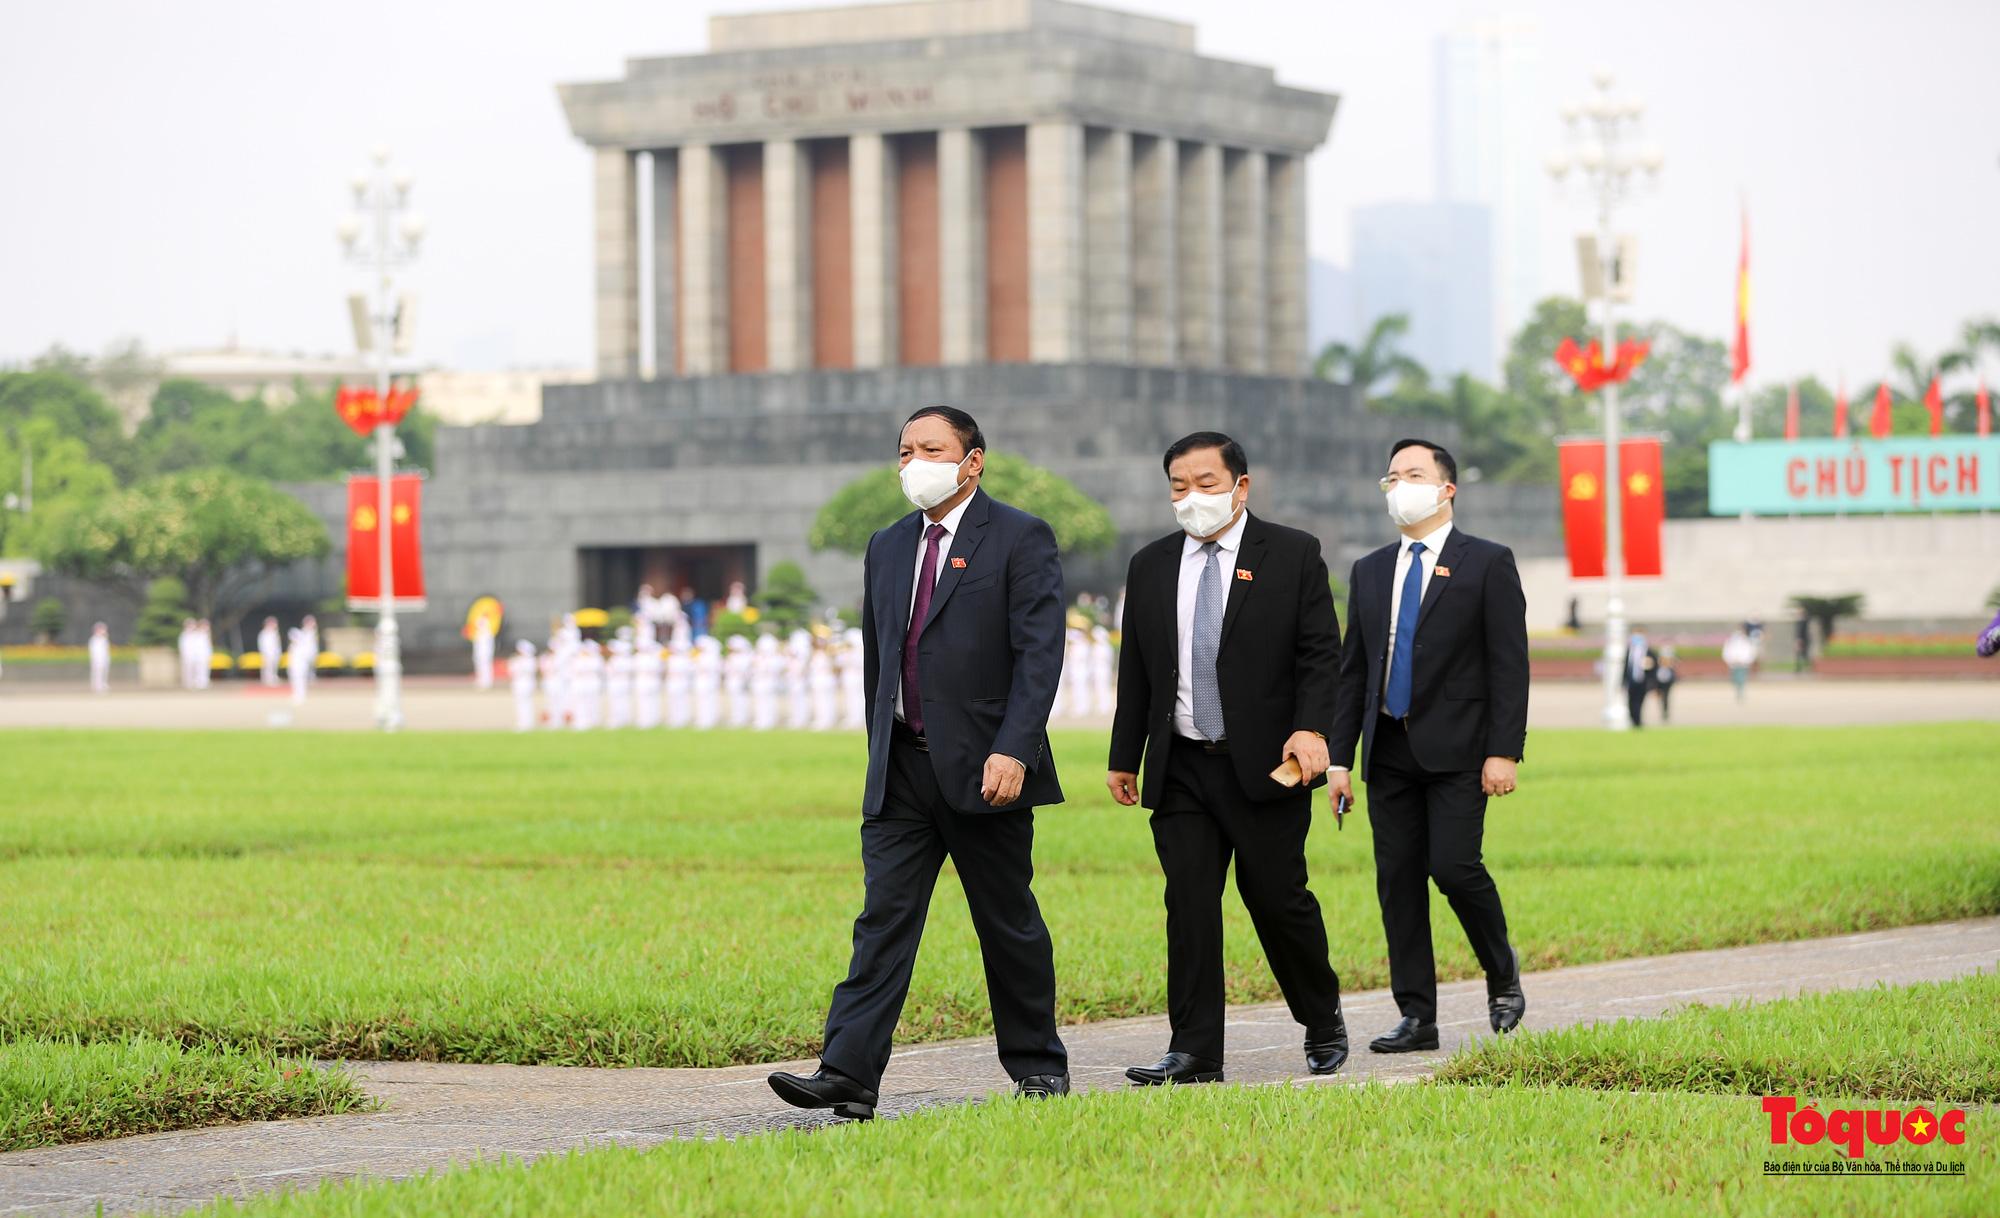 Lãnh đạo Đảng, Nhà nước và các đại biểu Quốc hội khóa XV vào Lăng viếng Chủ tịch Hồ Chí Minh - Ảnh 12.